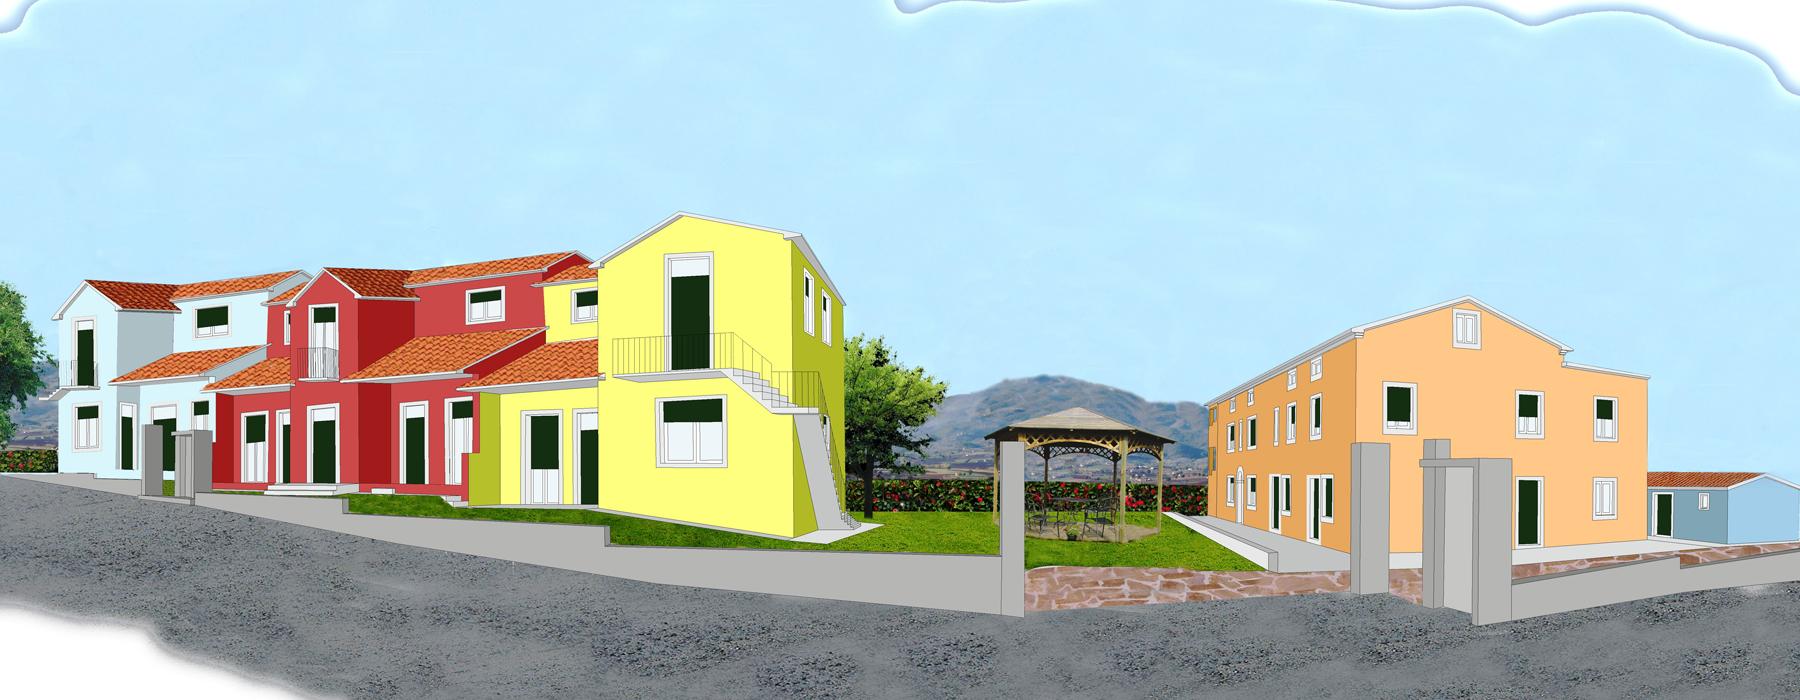 Slider - Appignano - Borgo Canullo